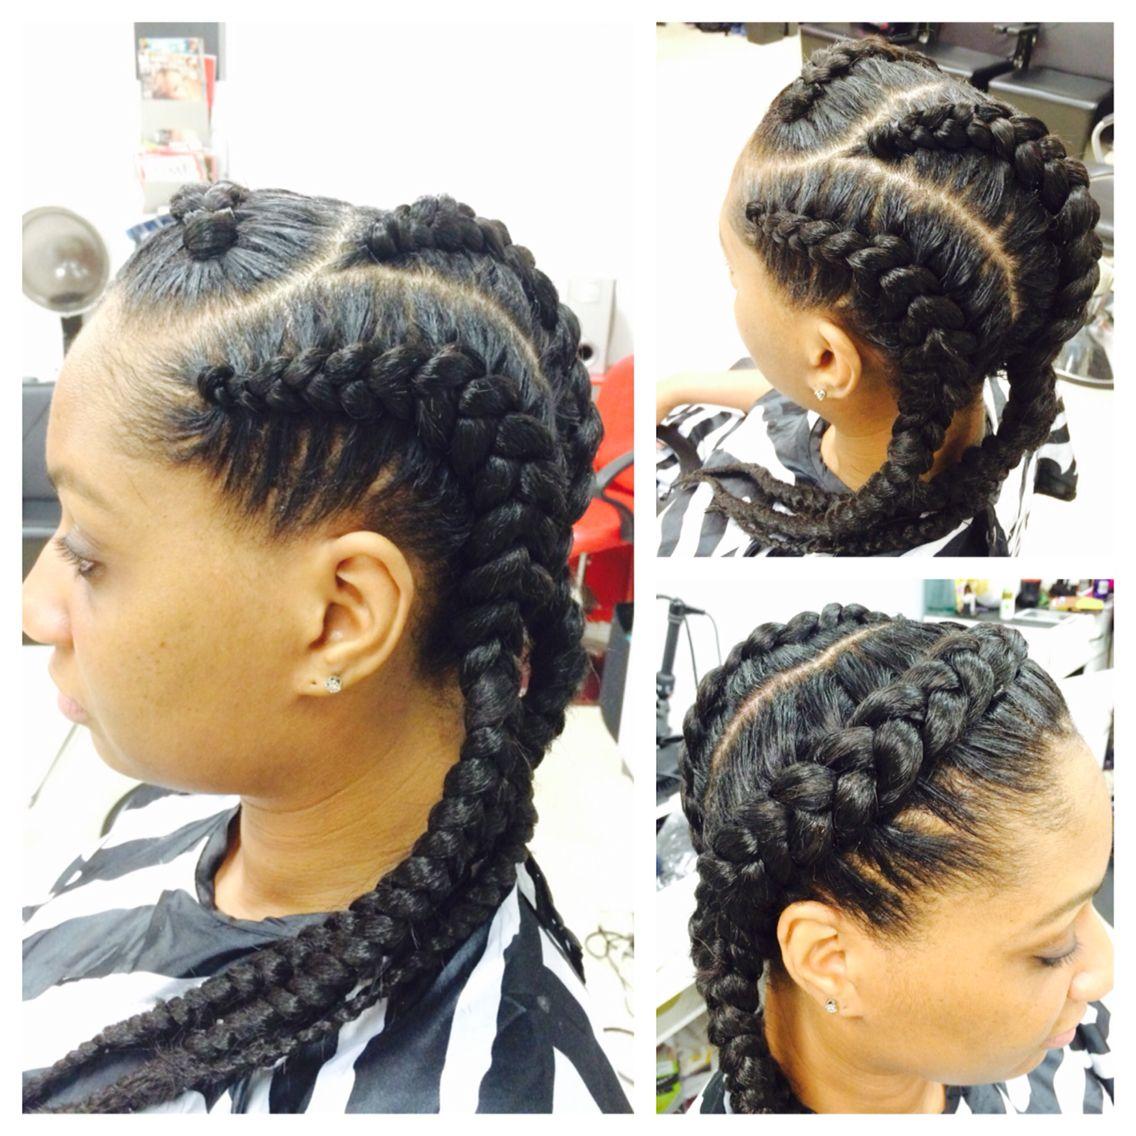 Jumbo cornrows natural hairstyle big braids | My Work ...